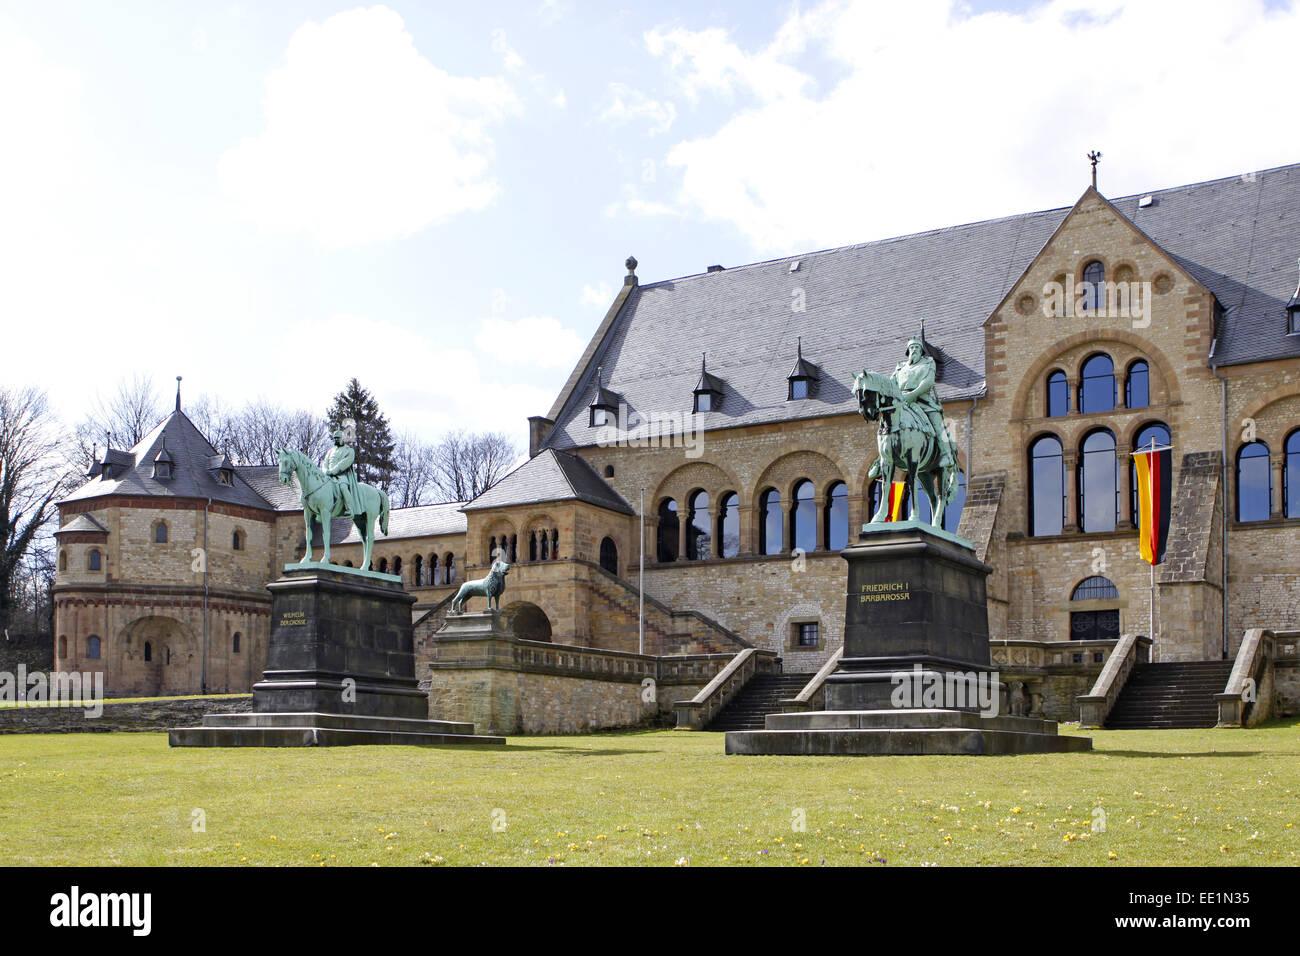 Altstadt, Architektur, Bauwerk, Bauwerke, Deutschland, Fassade, Edelstahlsockel, Gebaeude, Goslar, Kaiser, Kaiserpfalz, Stockbild